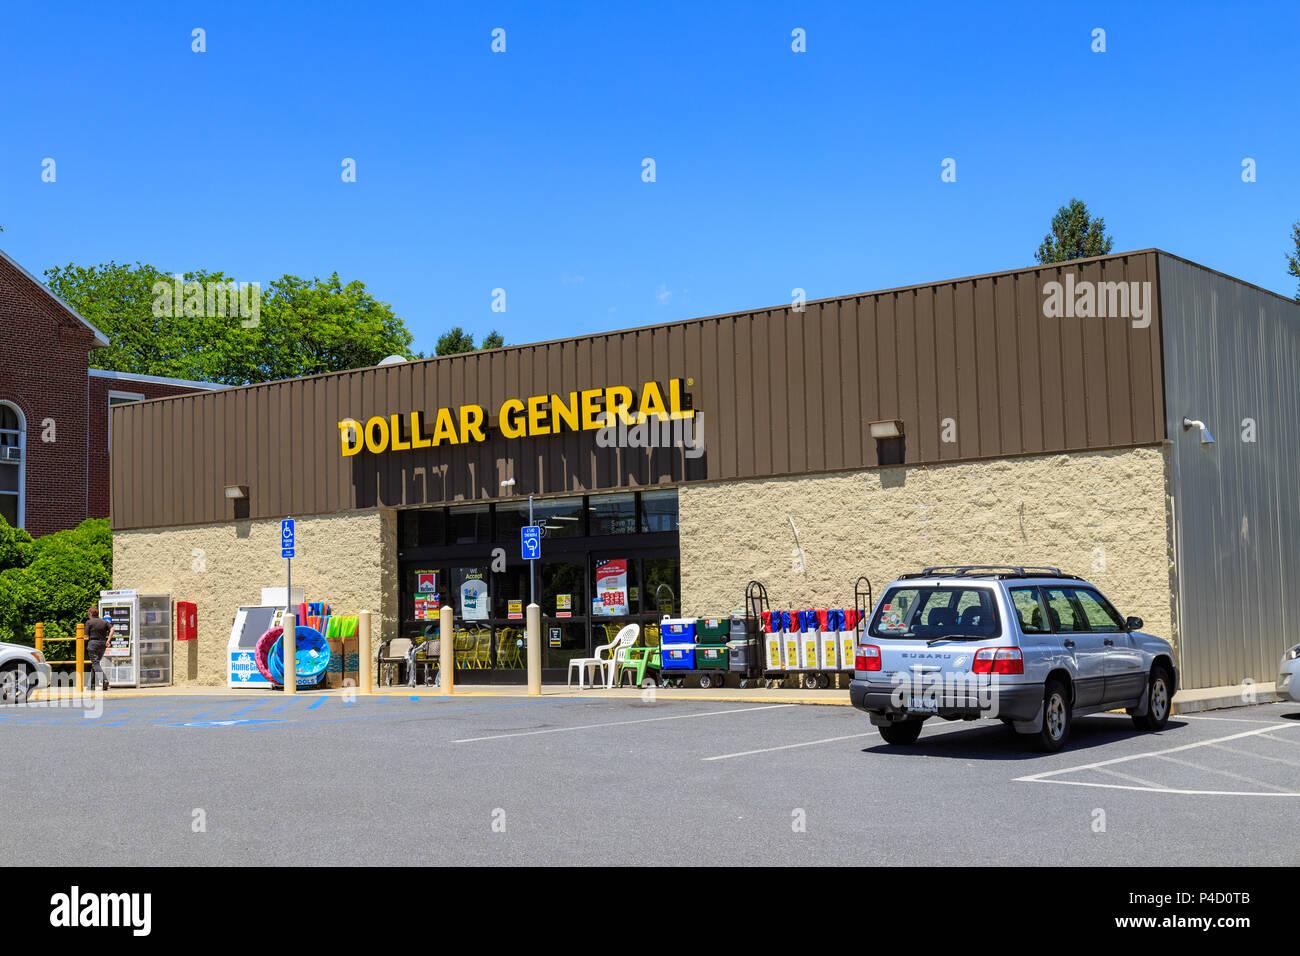 Leesport Pa Usa 14 Juni 2018 Dollar Allgemein Ist Eine Amerikanische Kette Der Vielfalt Geschäfte Mit Sitz In Goodlettsville Tennessee Dollar Allgemein O Stockfotografie Alamy